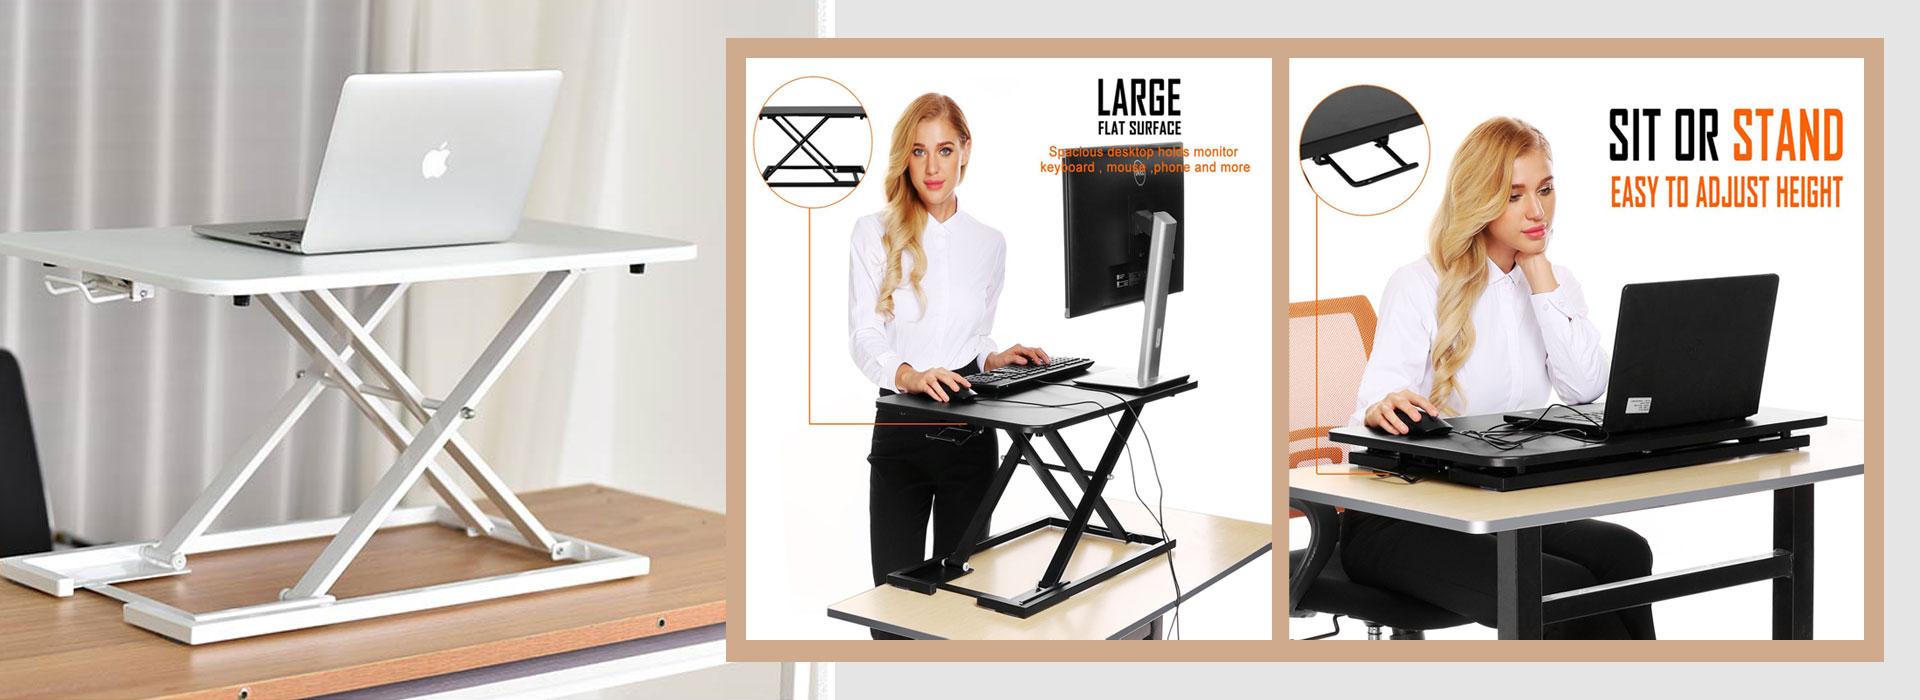 Manufacturer Of Standing Desk Adjustable Desk Folding